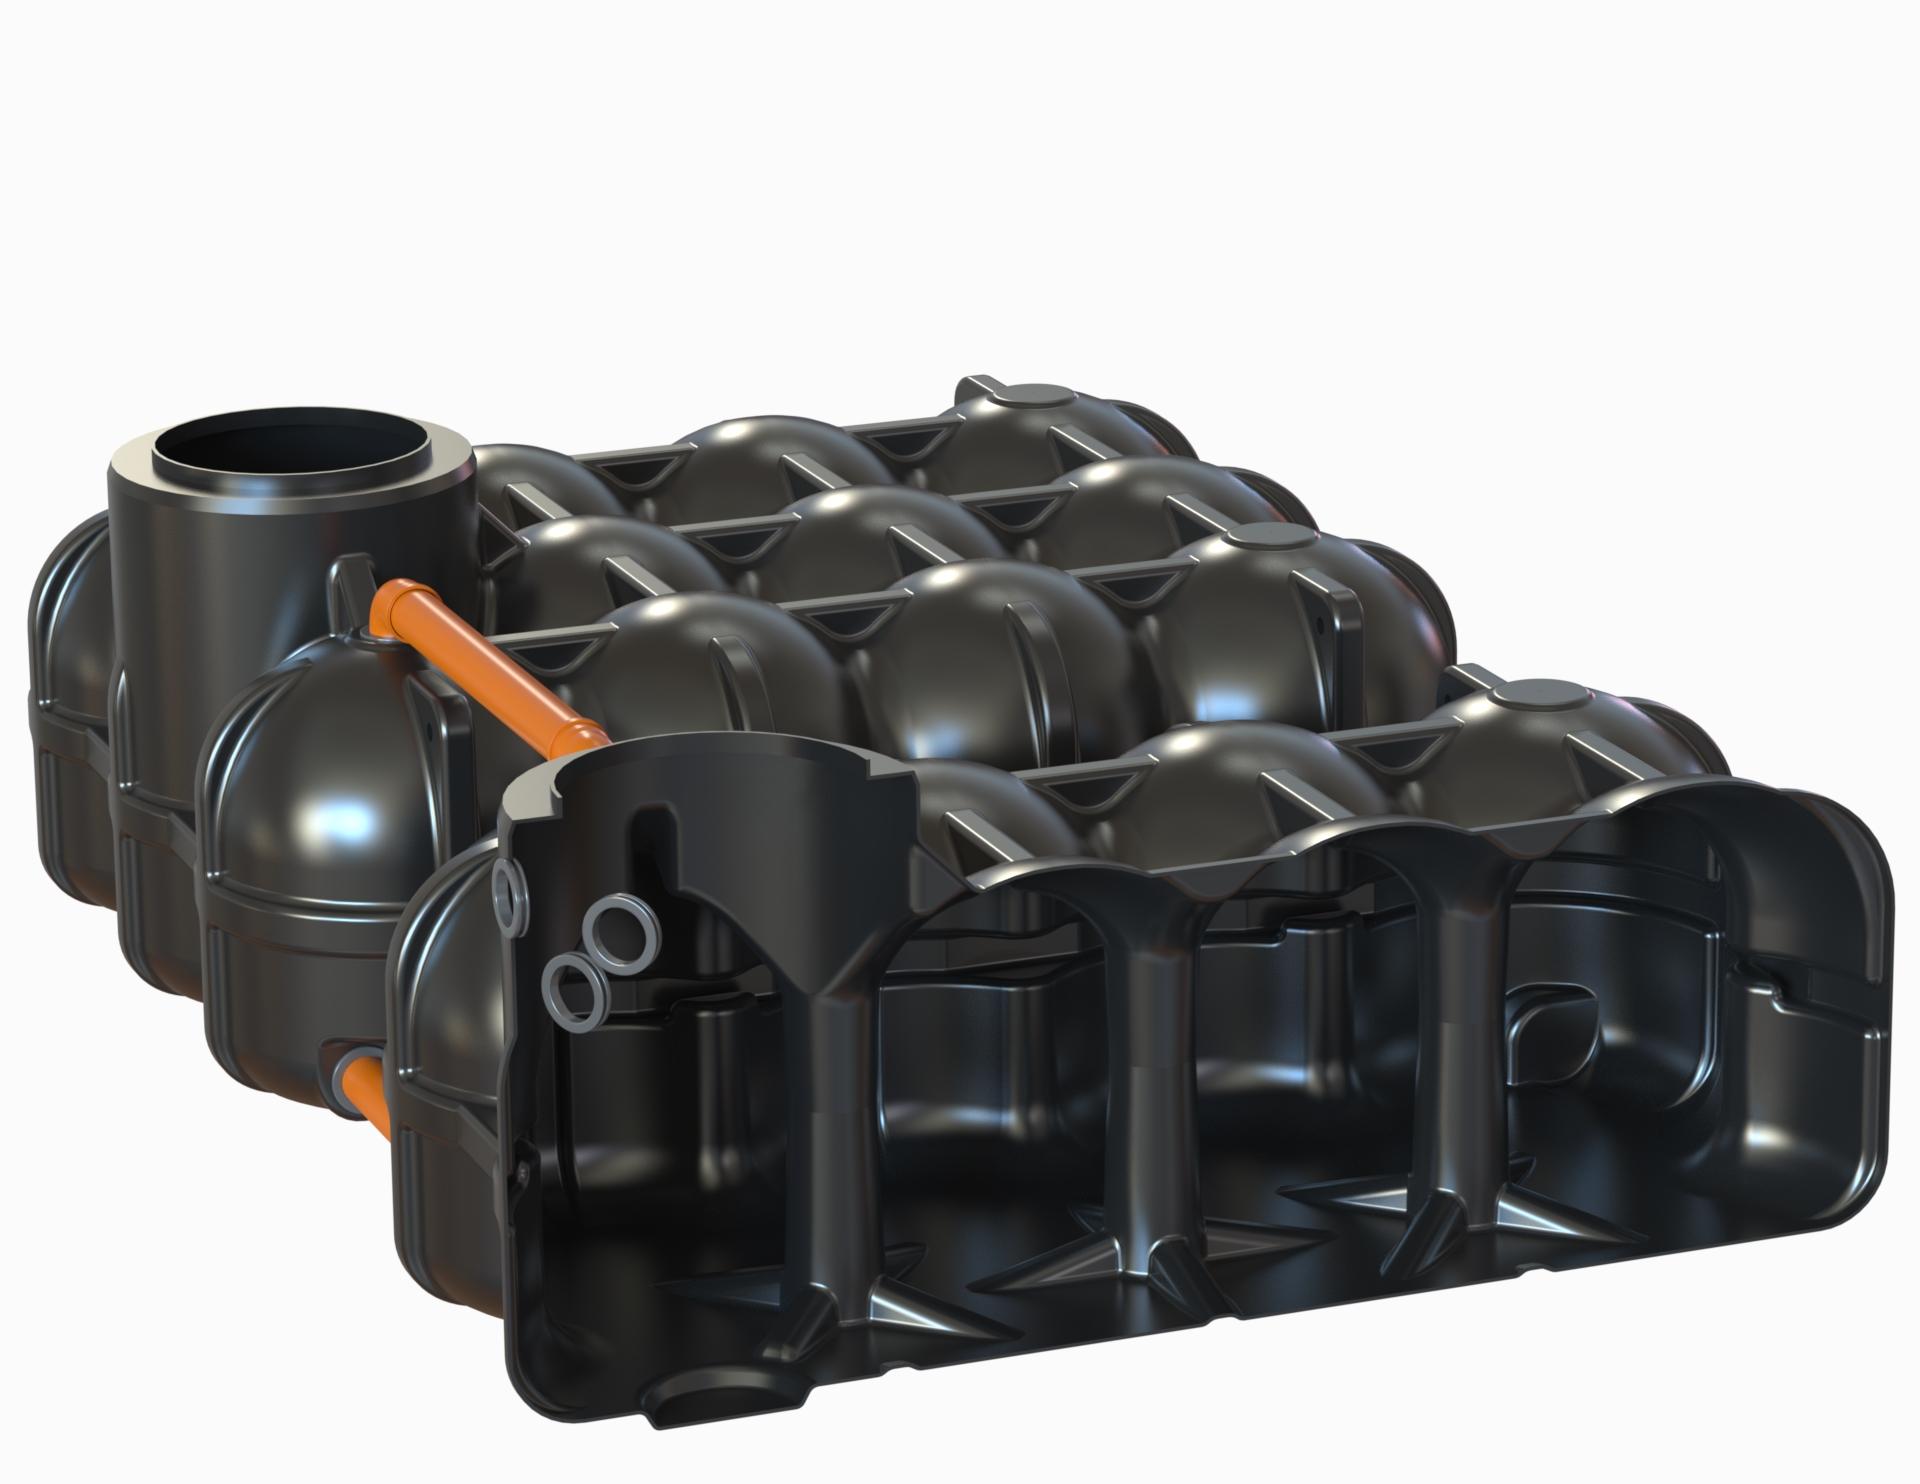 Hudson Flachtank 2x 5000L als Mehrbehältervariante mit Pumpensumpf